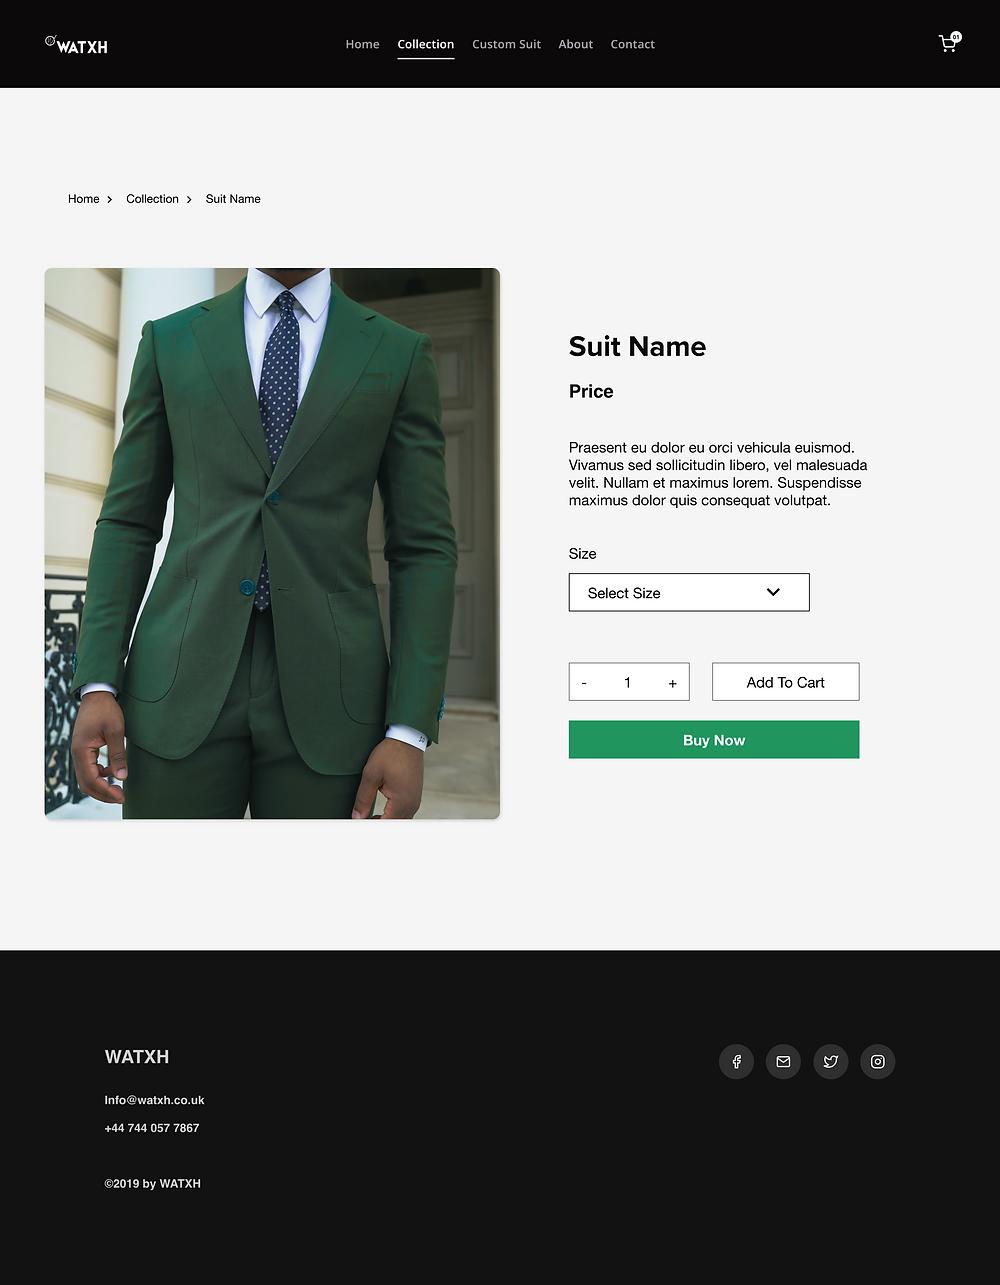 WATXH Product Page